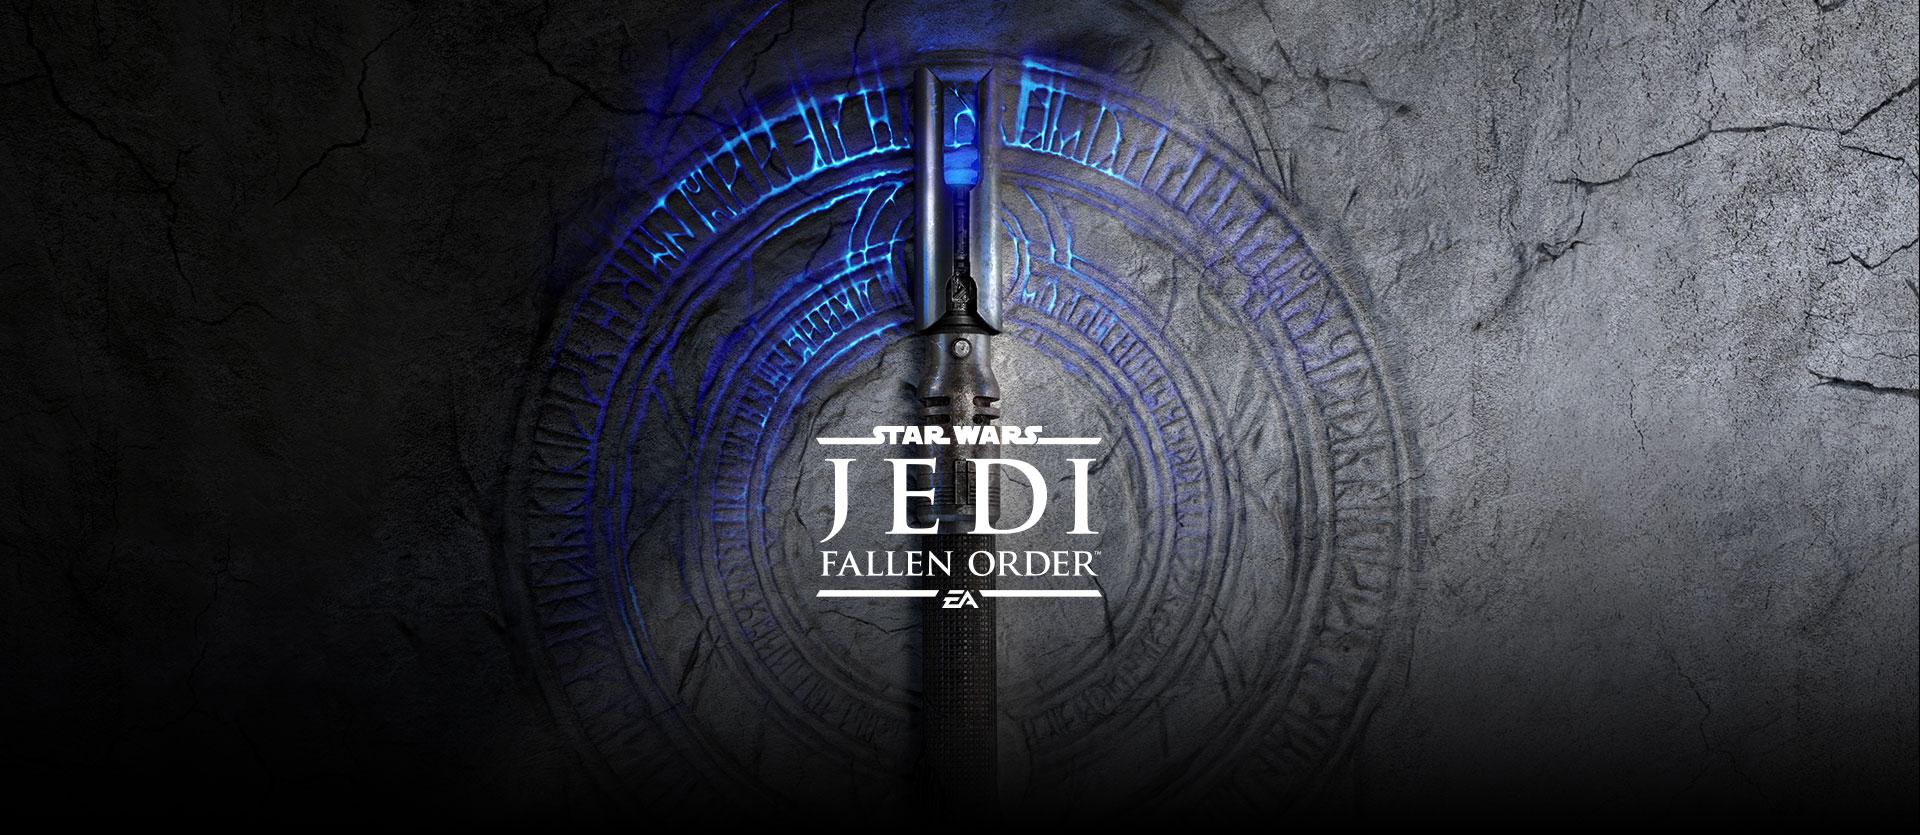 The Star Wars Jedi Fallen Order Trailer Has Landed